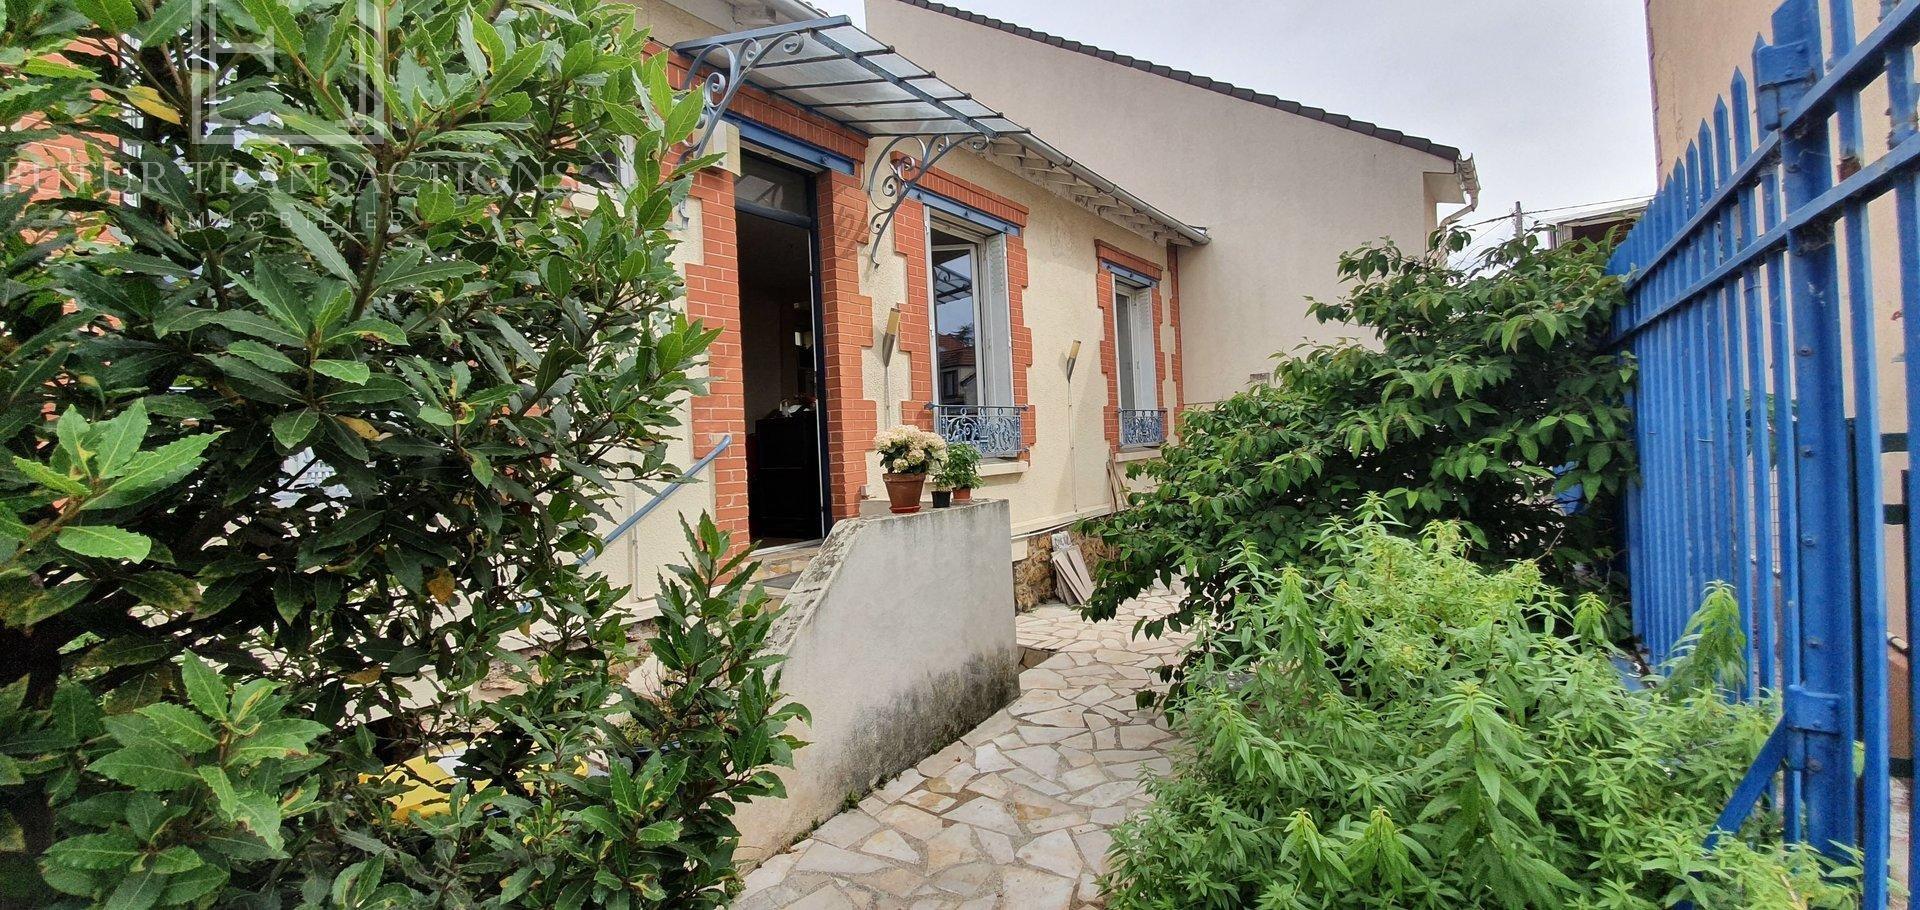 Maison a vendre colombes - 3 pièce(s) - 68 m2 - Surfyn